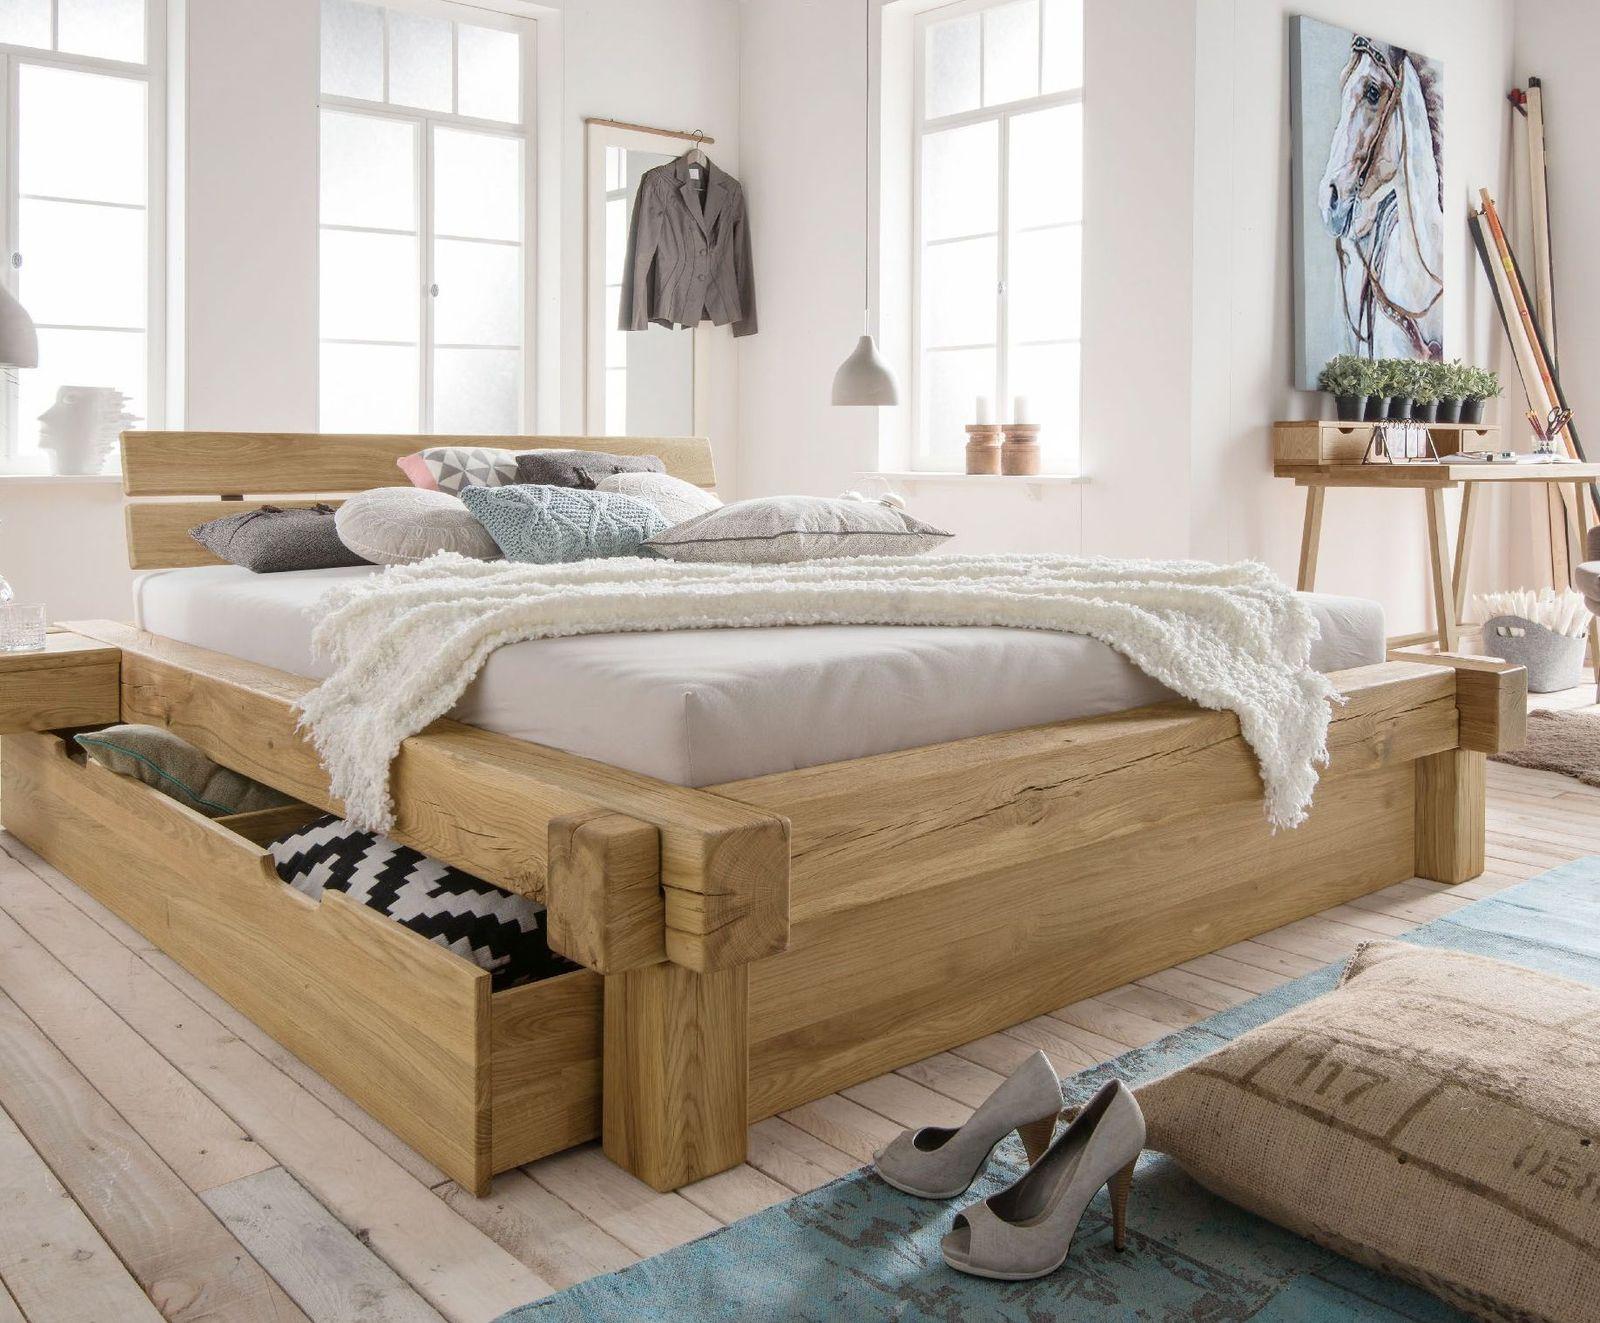 Full Size of Bett Kopfteil Diy Malm Rattan Brimnes 140 Gepolstert Polstern Kissen Polster Ikea Holz Stabile Betten Erkennen Und So Das Selbst Stabilisieren Einfaches Wohnzimmer Bett Kopfteil Diy